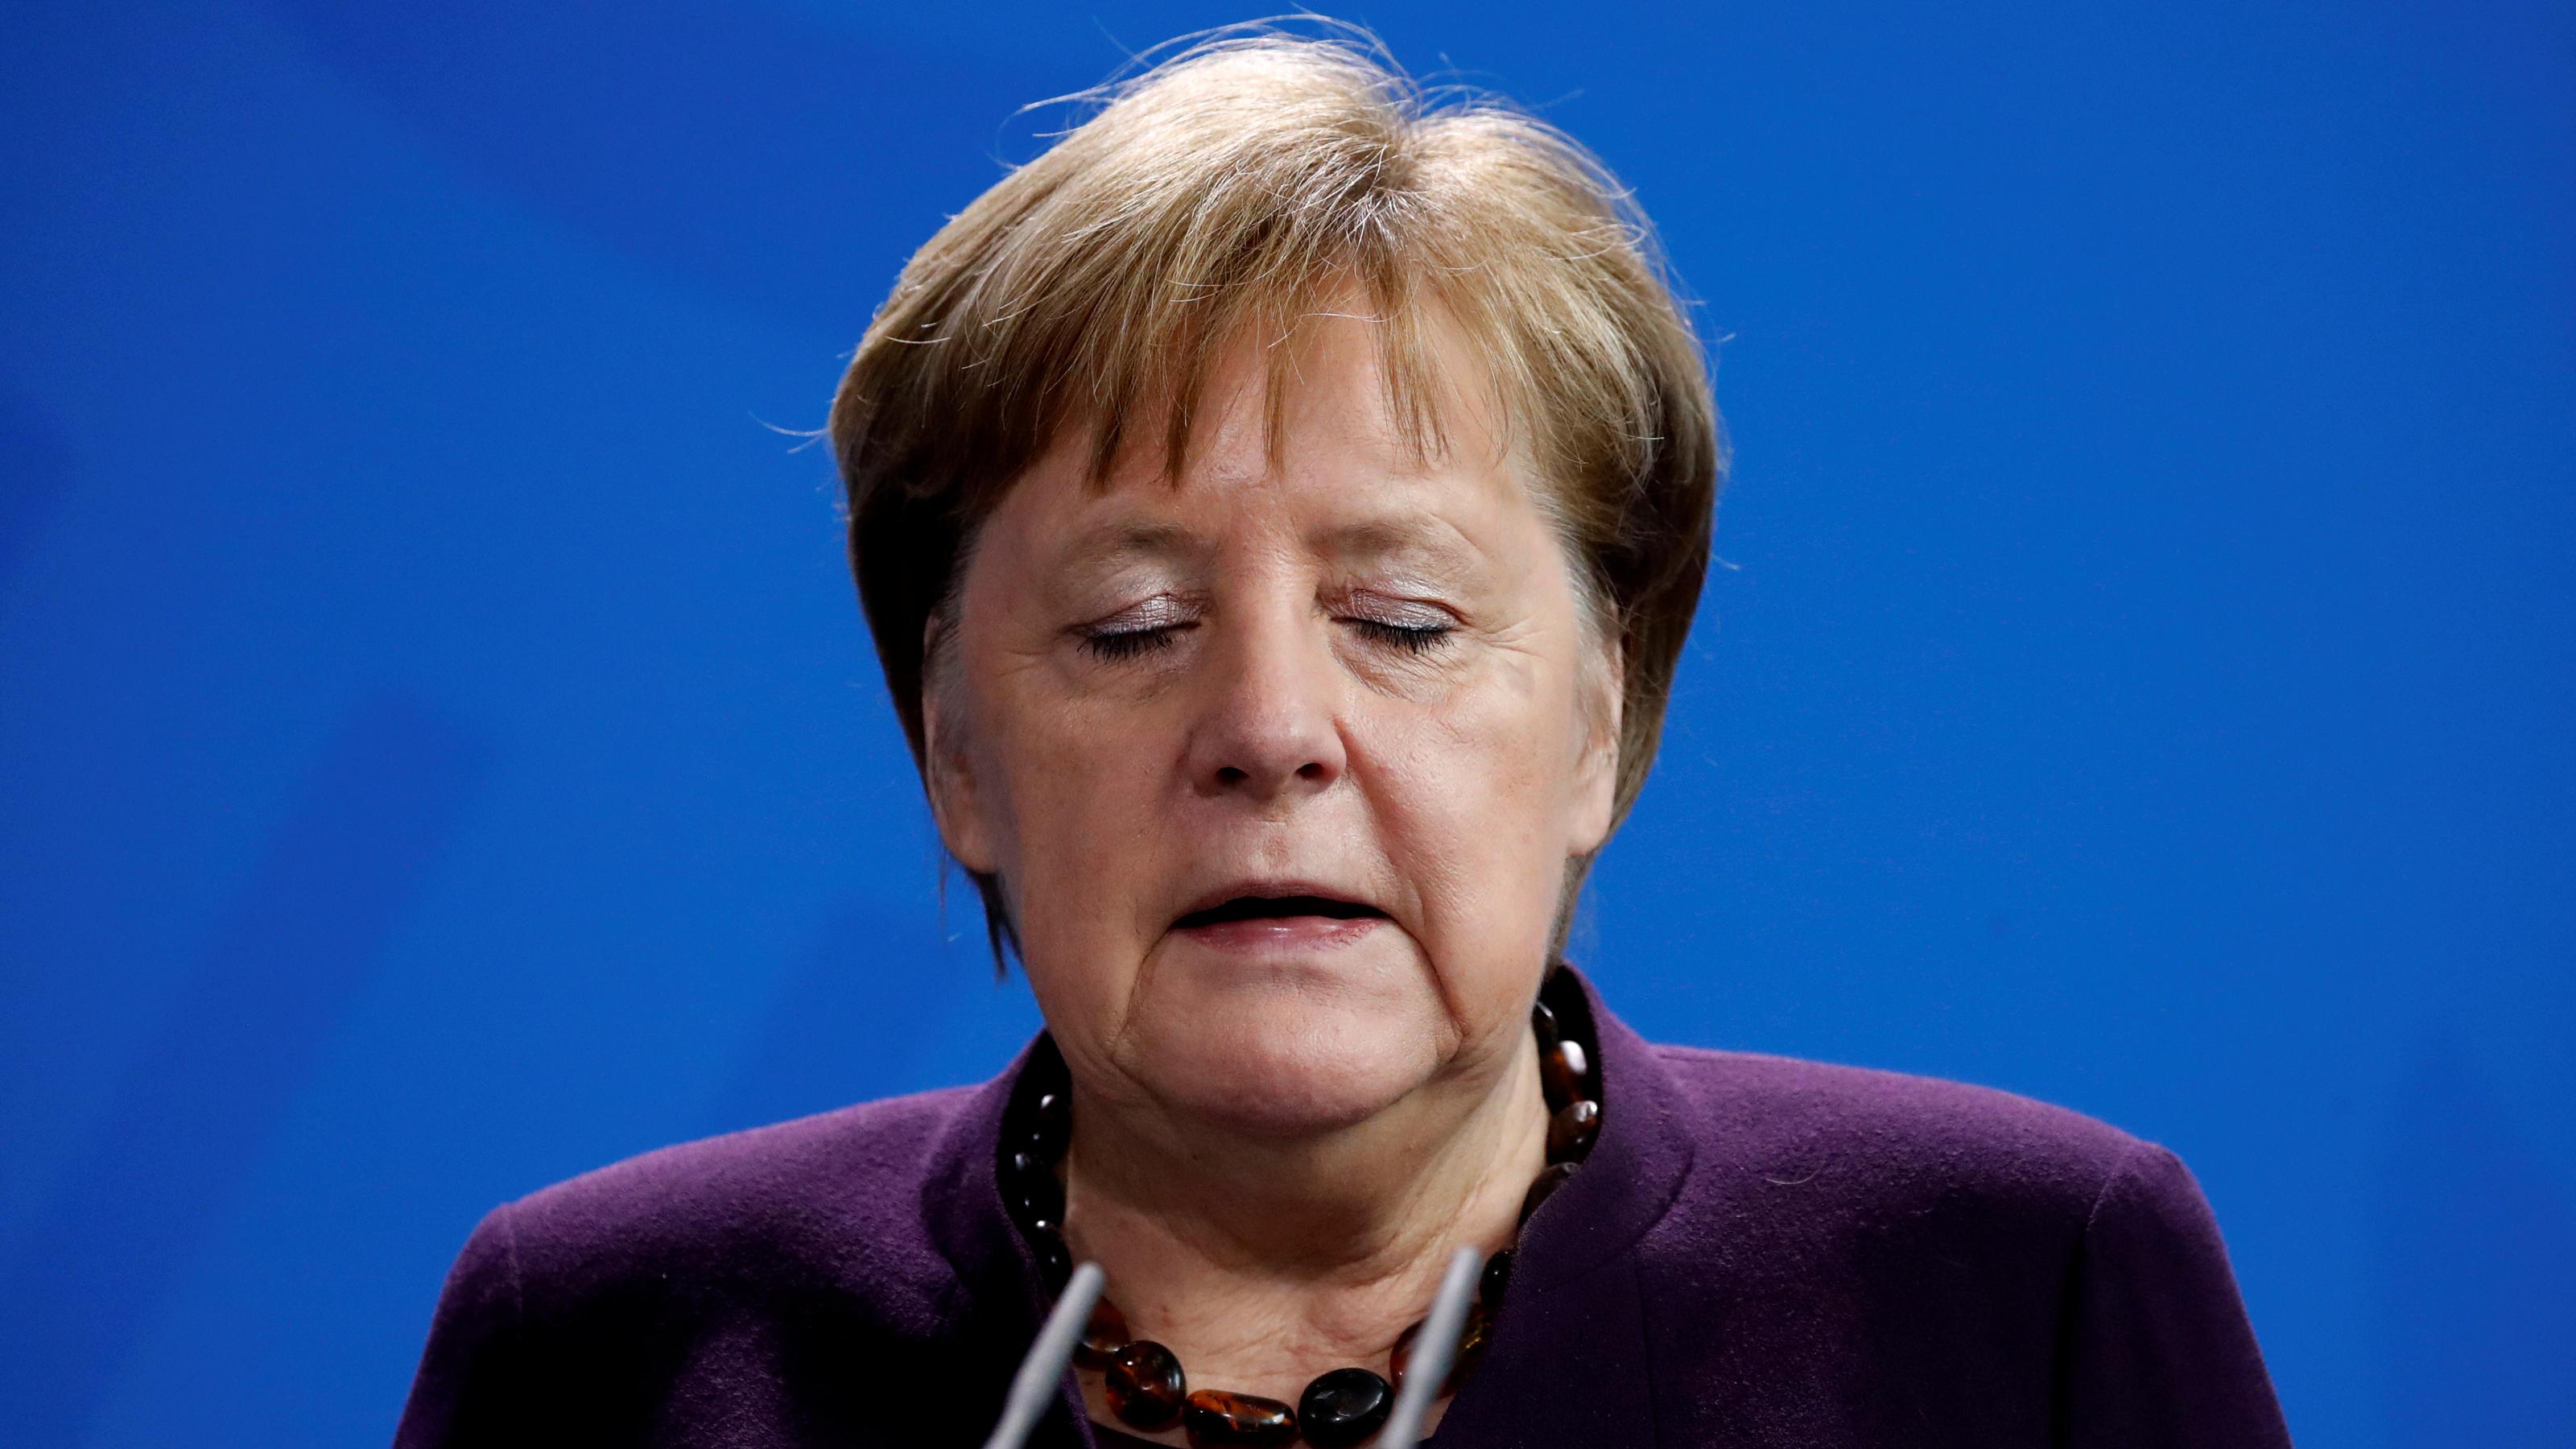 """Merkel: """"Überaus trauriger Tag für unser Land"""" - Fassungslosigkeit und Entsetzen nach Morden von Hanau"""